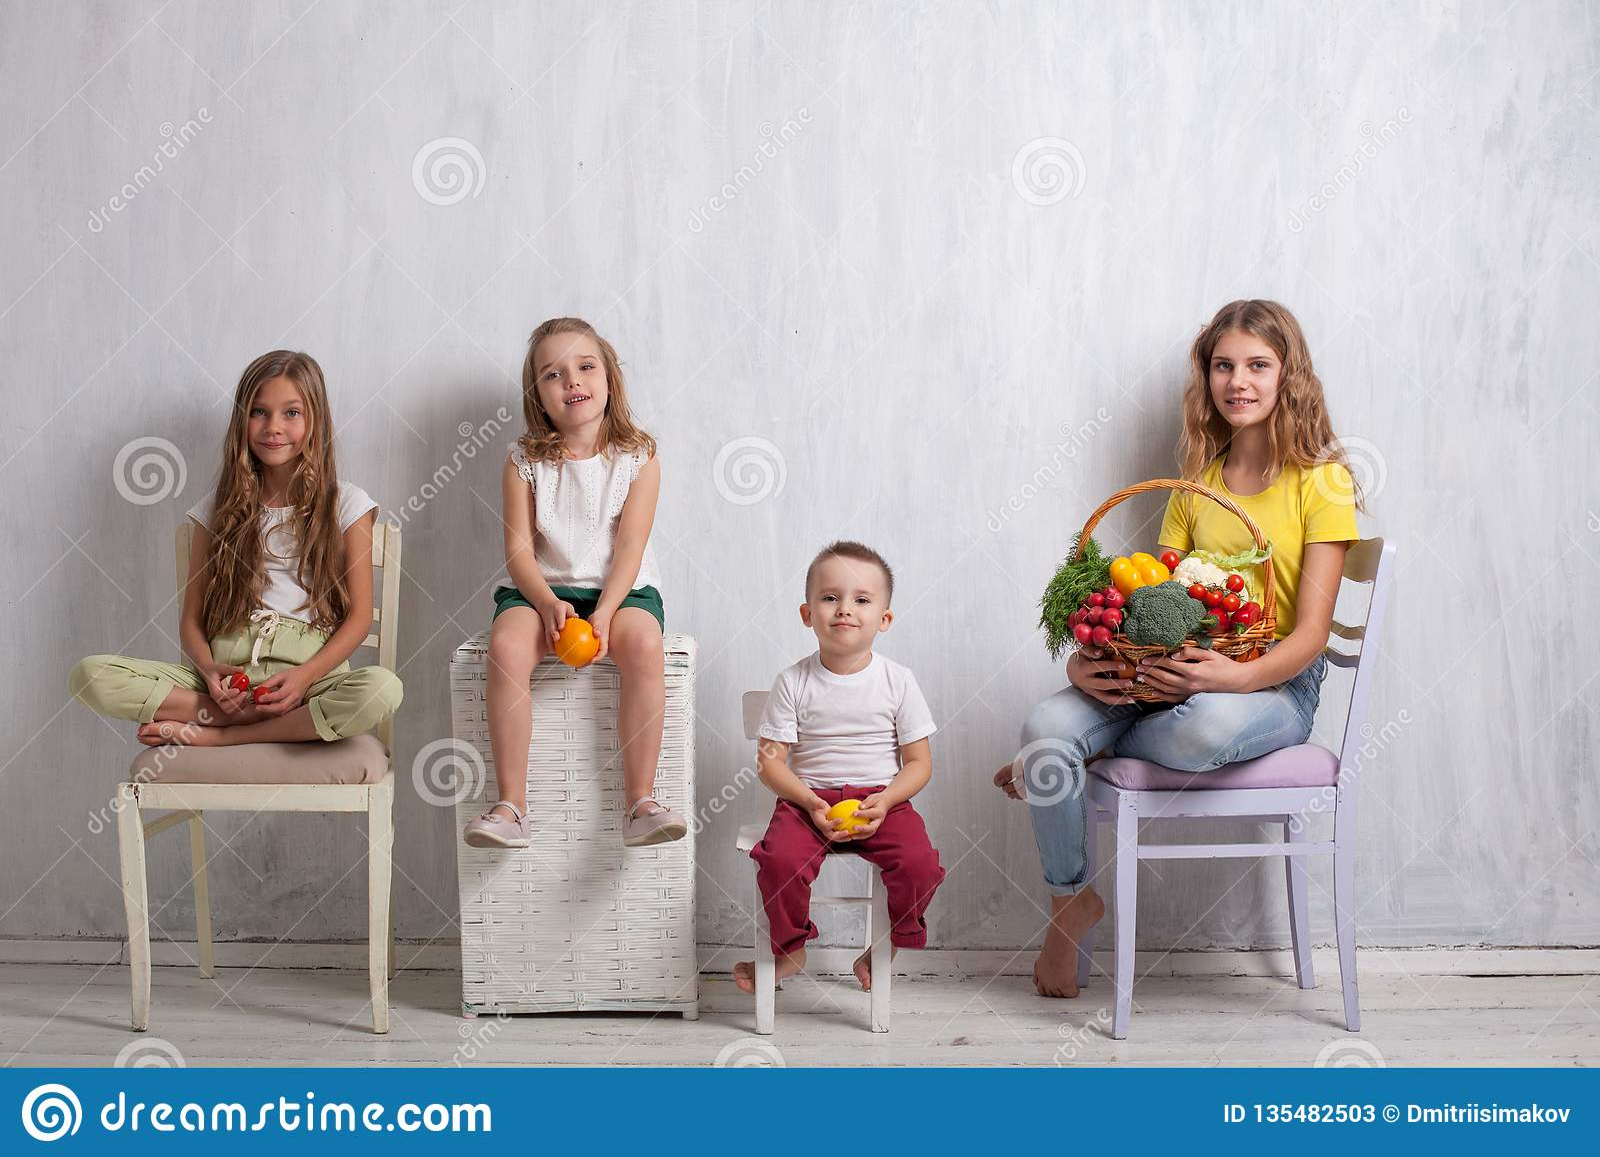 Niños que sostienen una cesta de comida sana de la fruta y verdura fresca